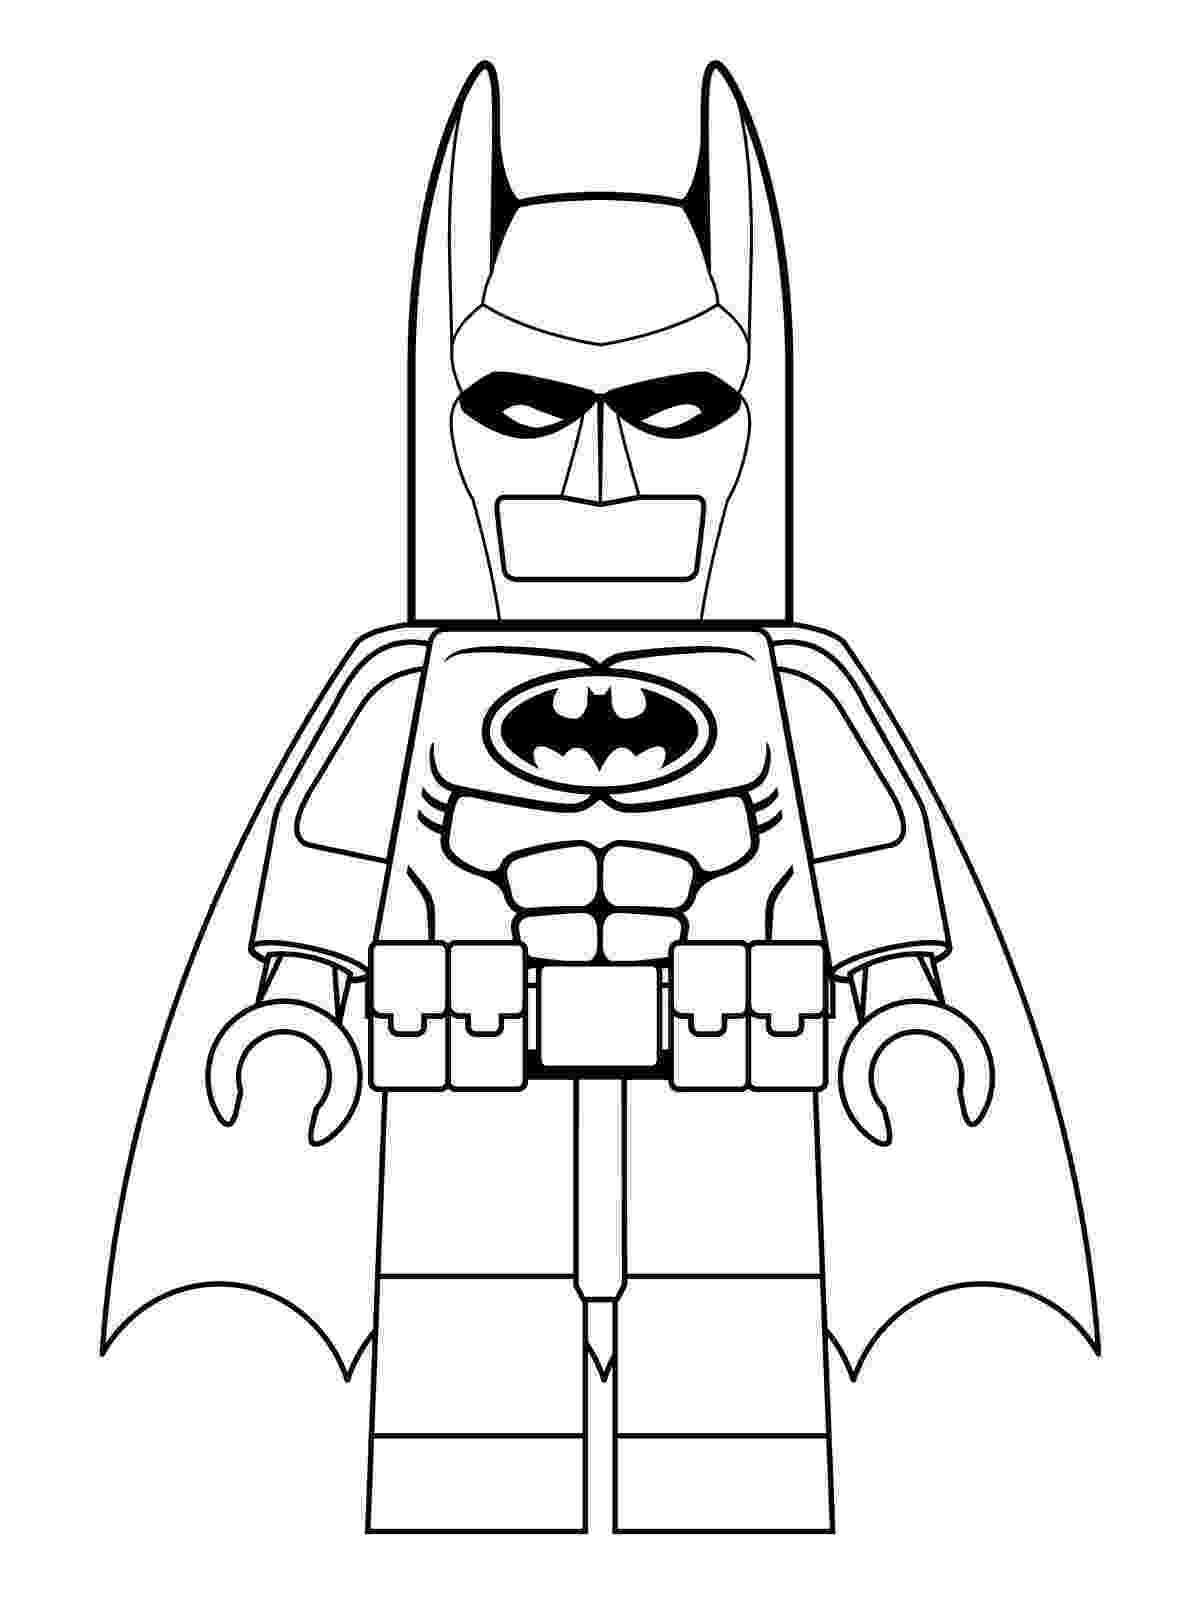 lego batman pictures to colour lego batman coloring pages best coloring pages for kids colour to batman pictures lego